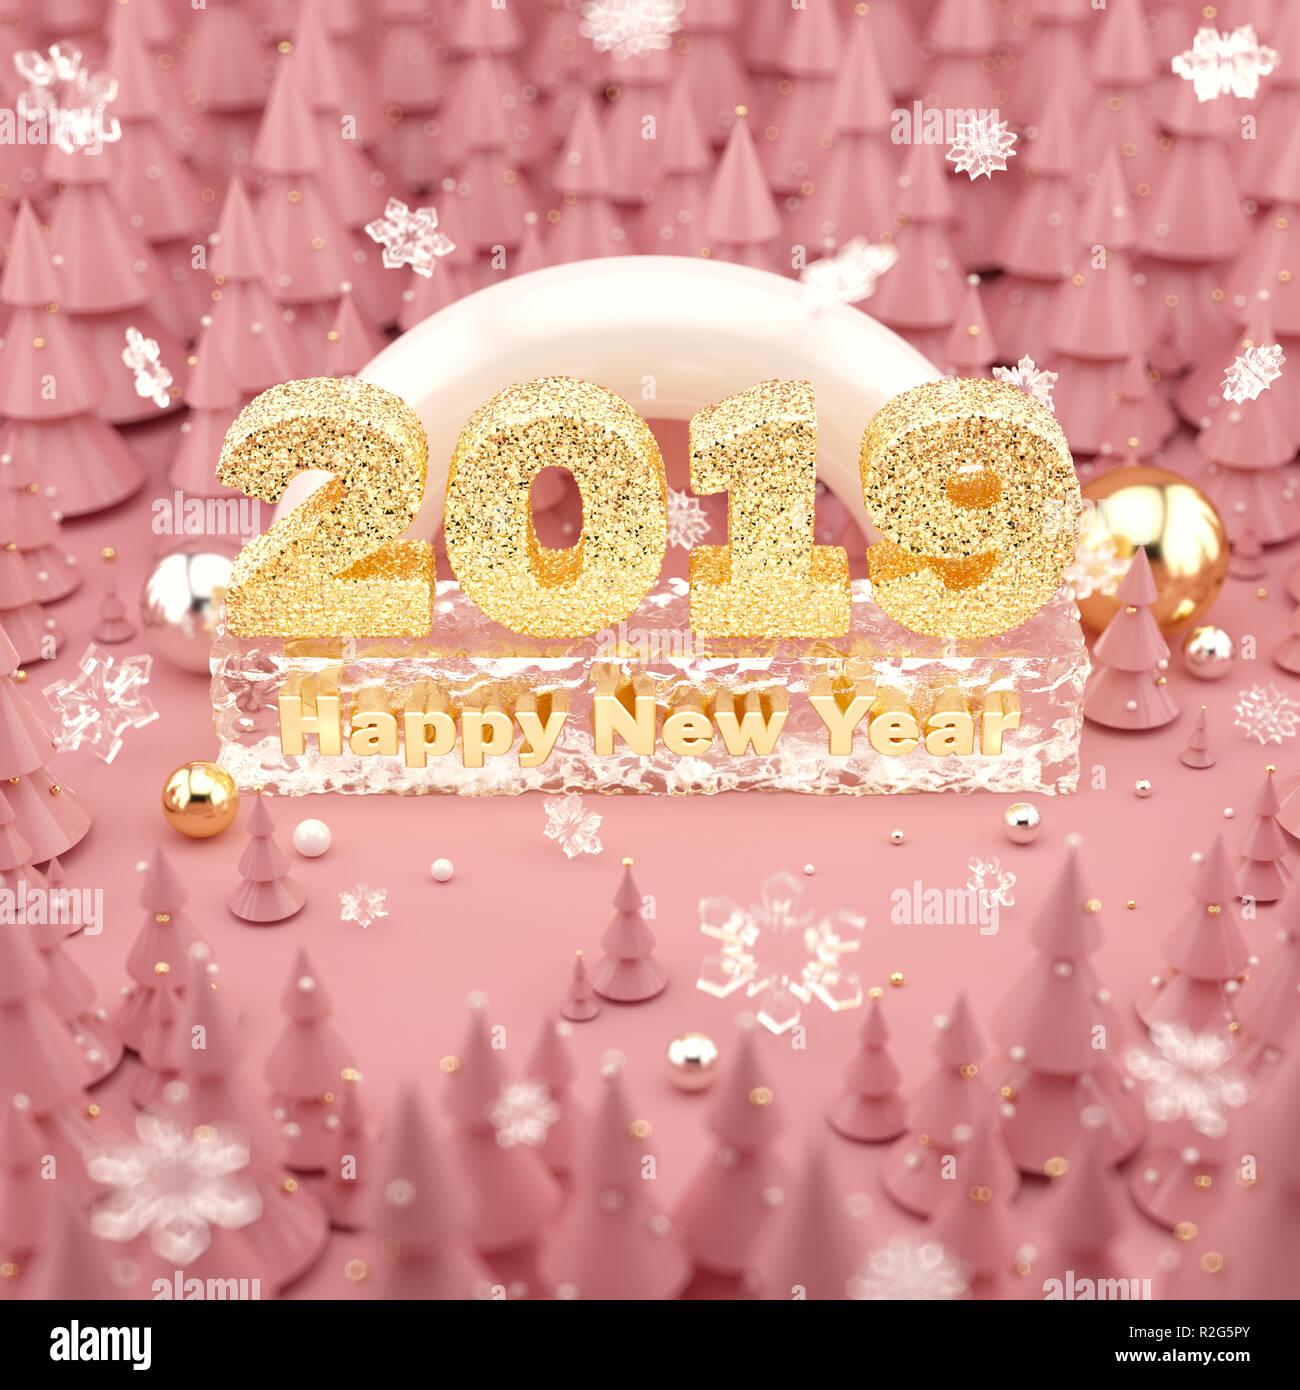 Frohes Neues Jahr 2019 Rose Gold farbigen 3-D-Abbildung mit Weihnachtsbäumen. Stockbild